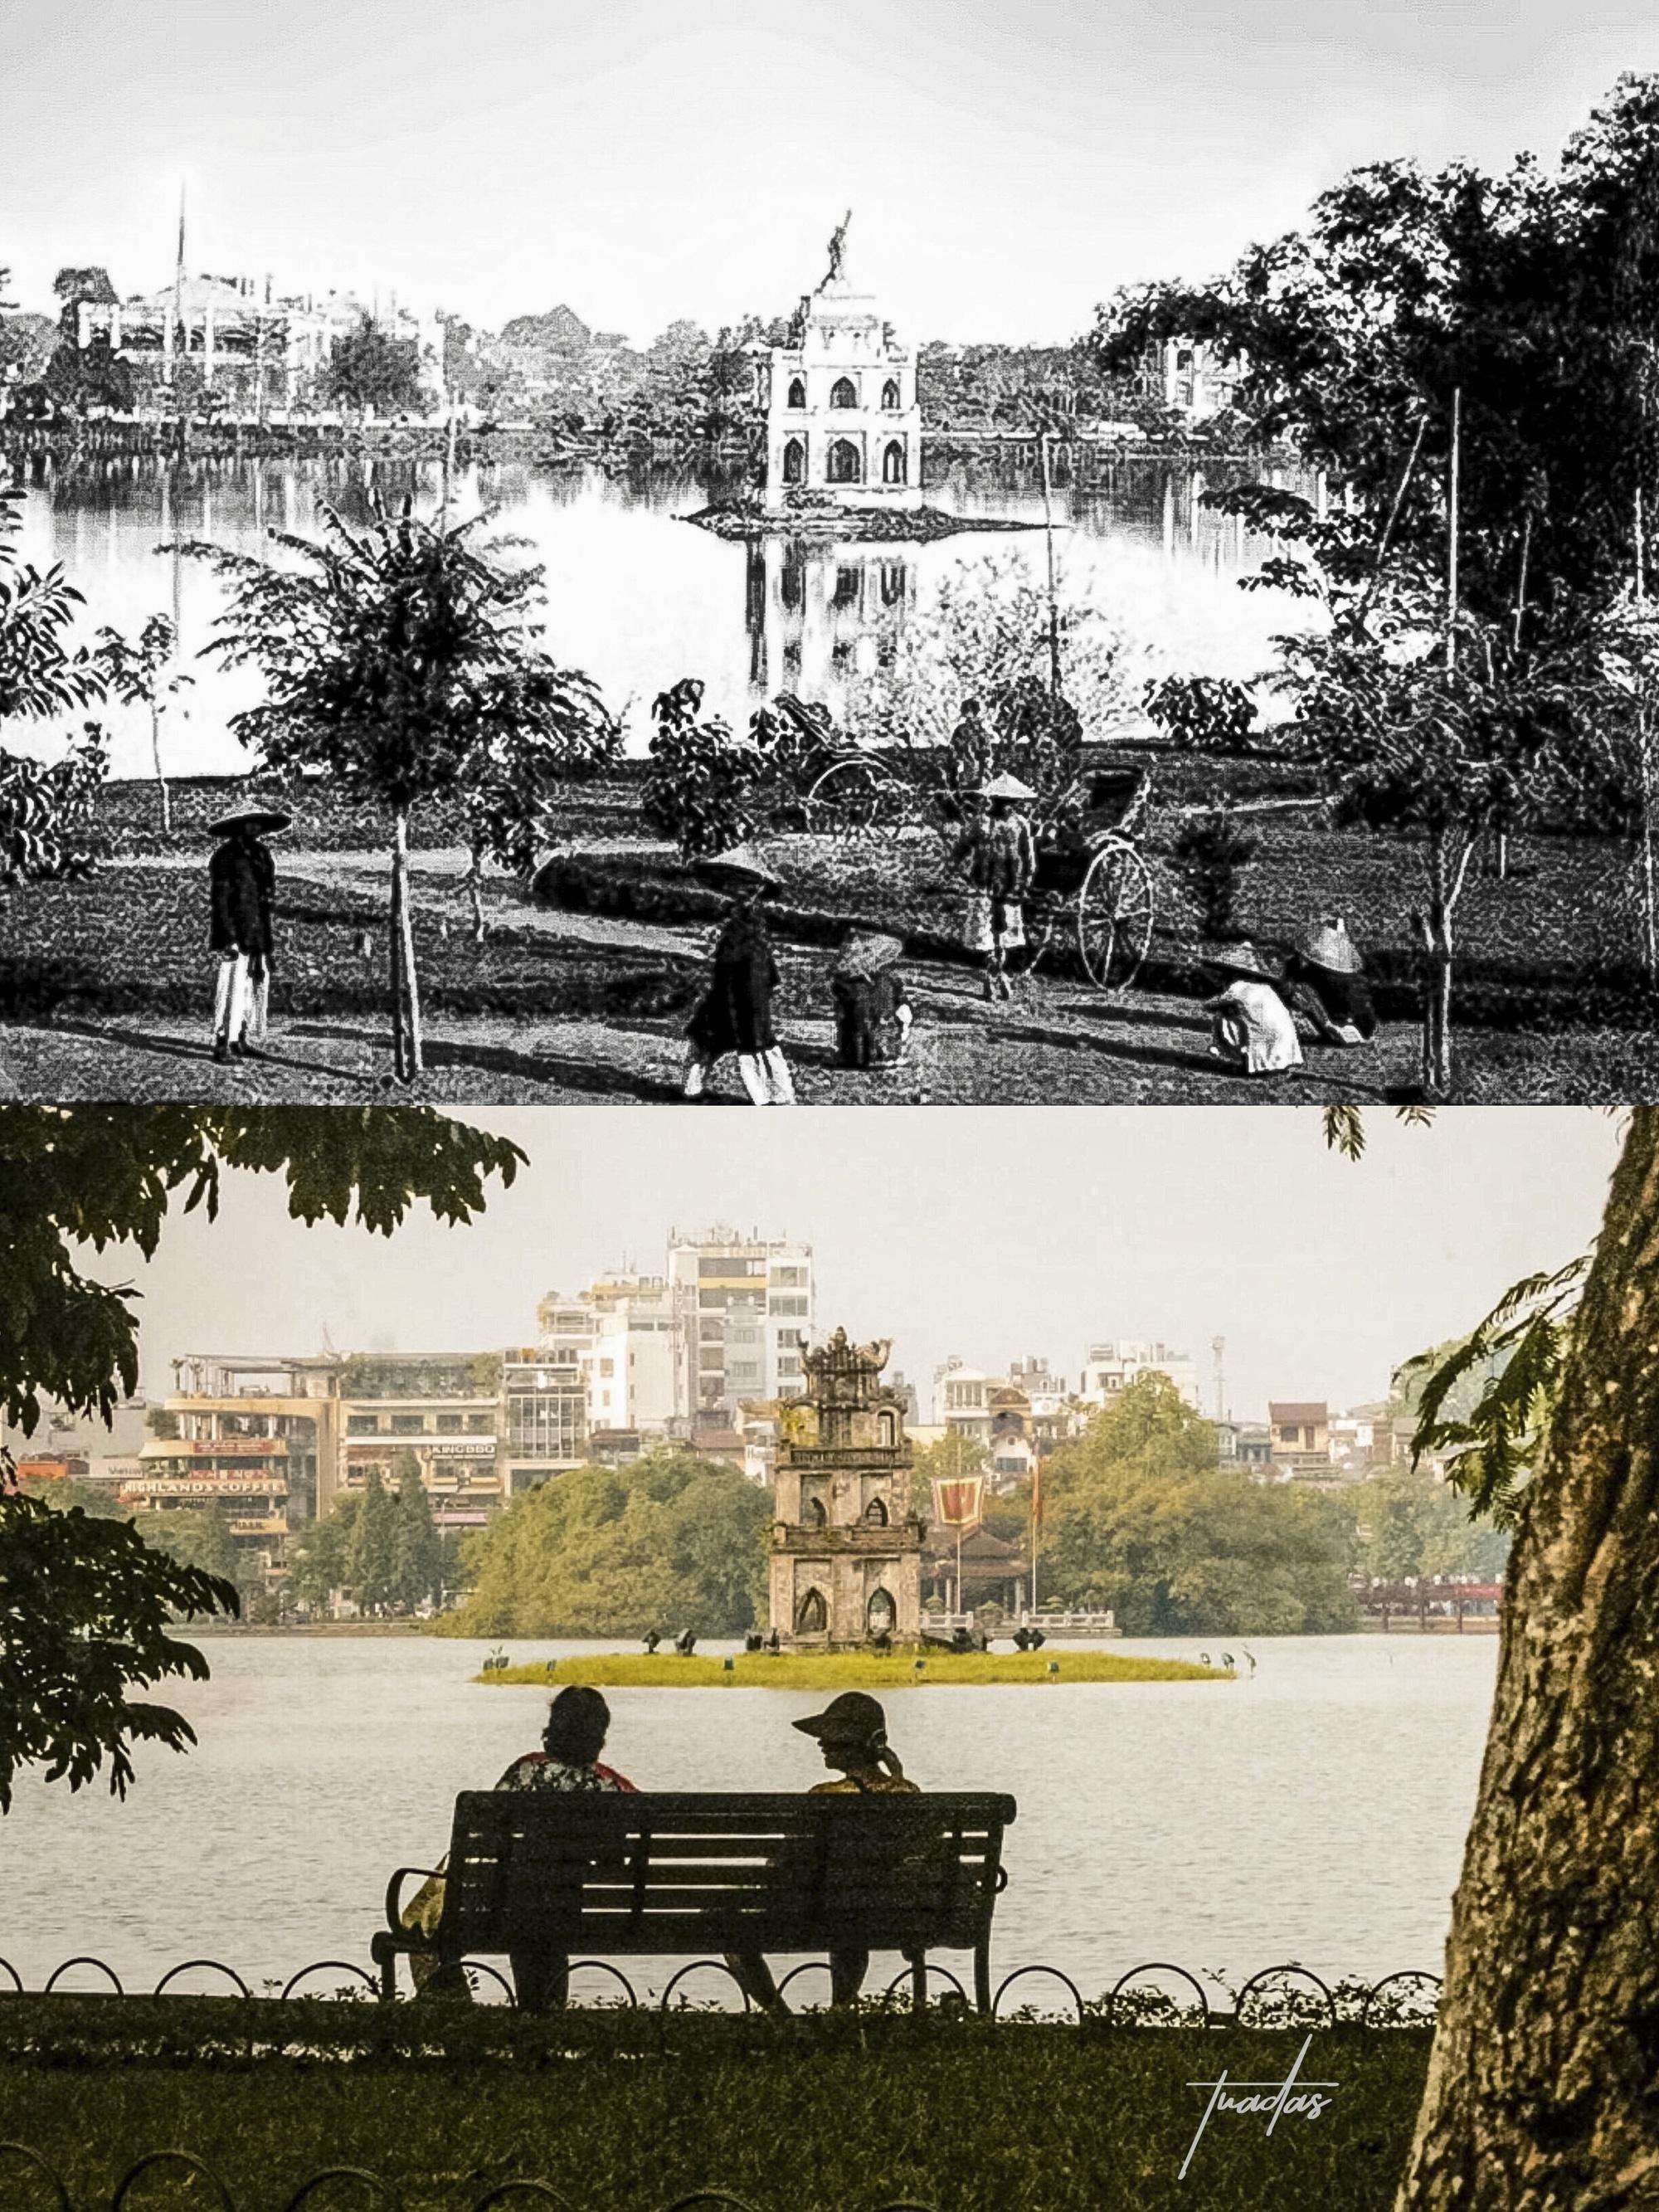 Chàng trai 25 tuổi dành 7 năm chụp bộ ảnh Hà Nội 100 năm trước: Vì thời gian là thứ không thể lấy lại được  - Ảnh 5.